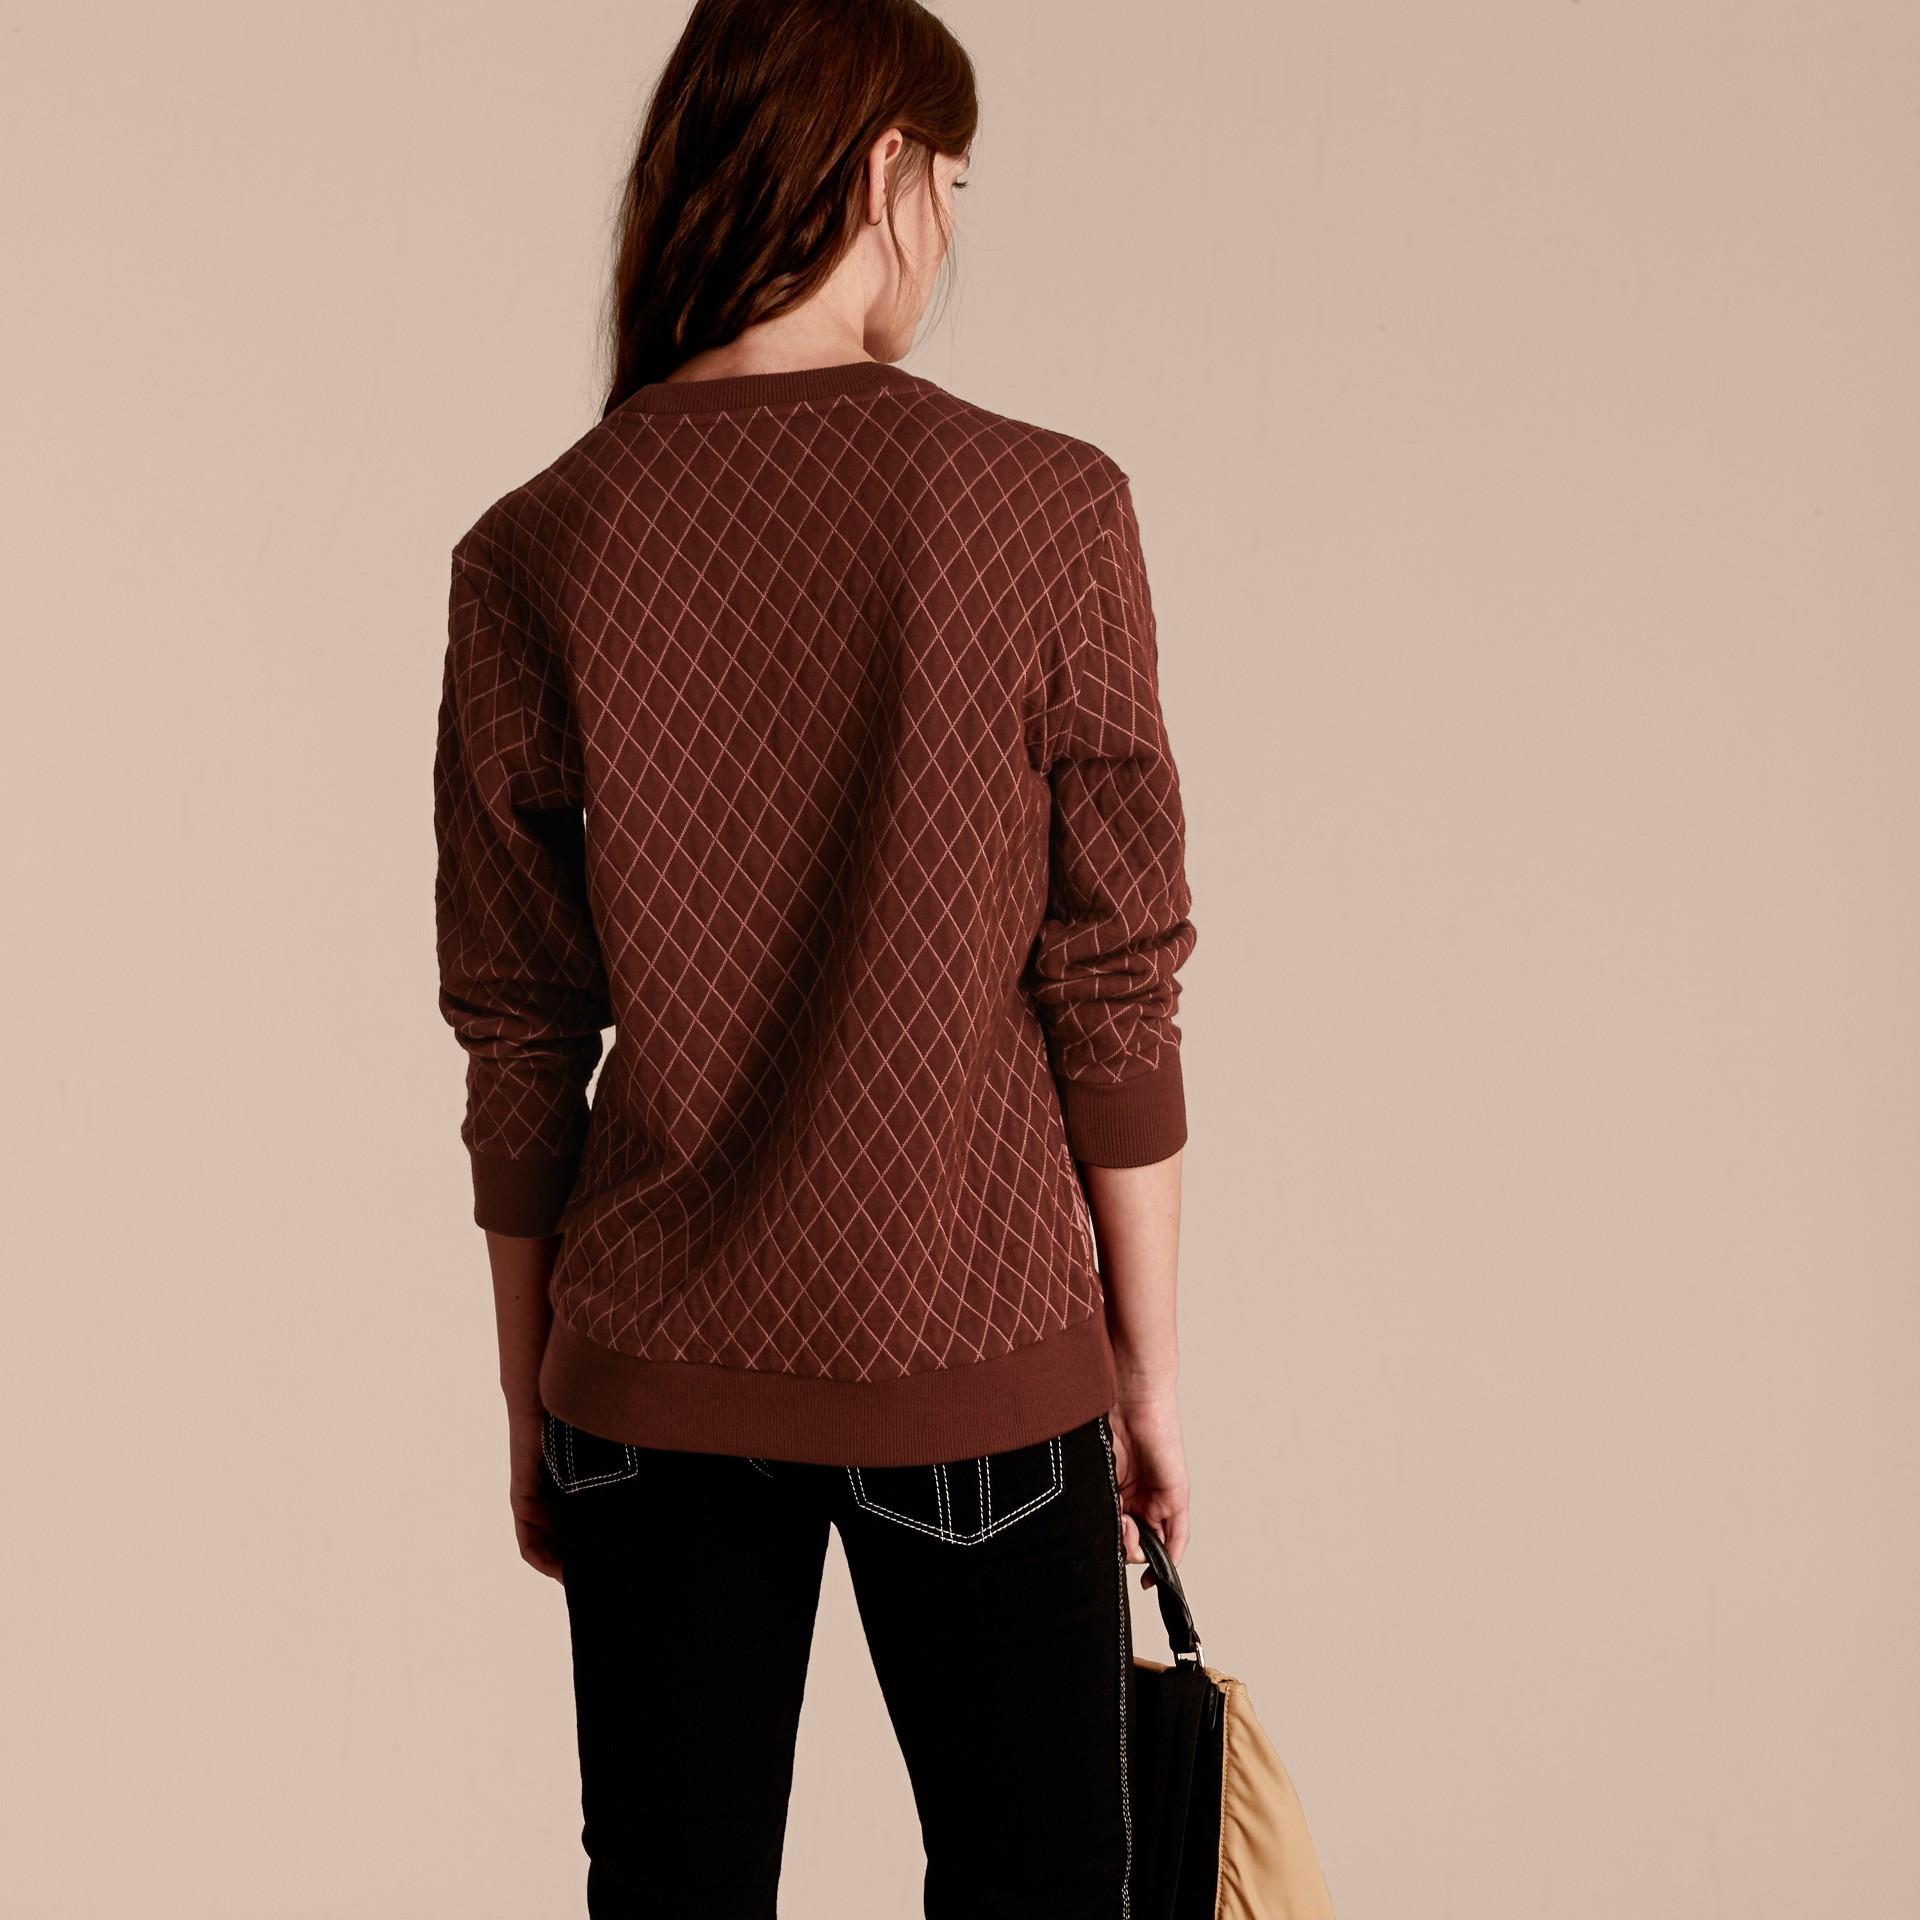 Granata Pullover in misto cotone e lana con motivo floreale in jacquard - immagine della galleria 3